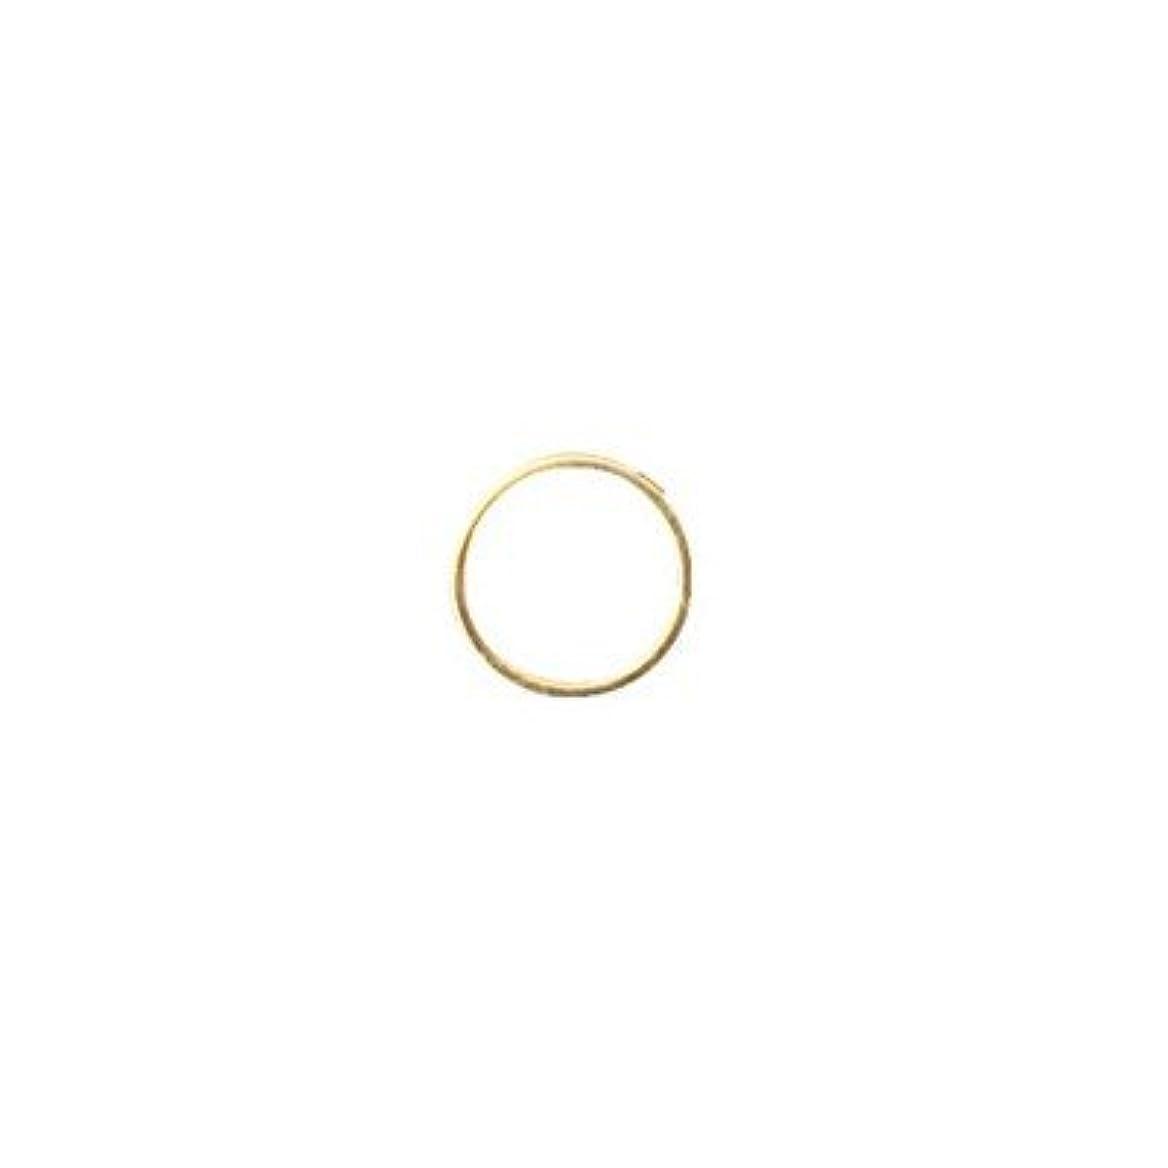 憧れ専門用語退化するシャレドワミュゼ BLC ブローチ ラウンド 5×5mm ゴールド 10p